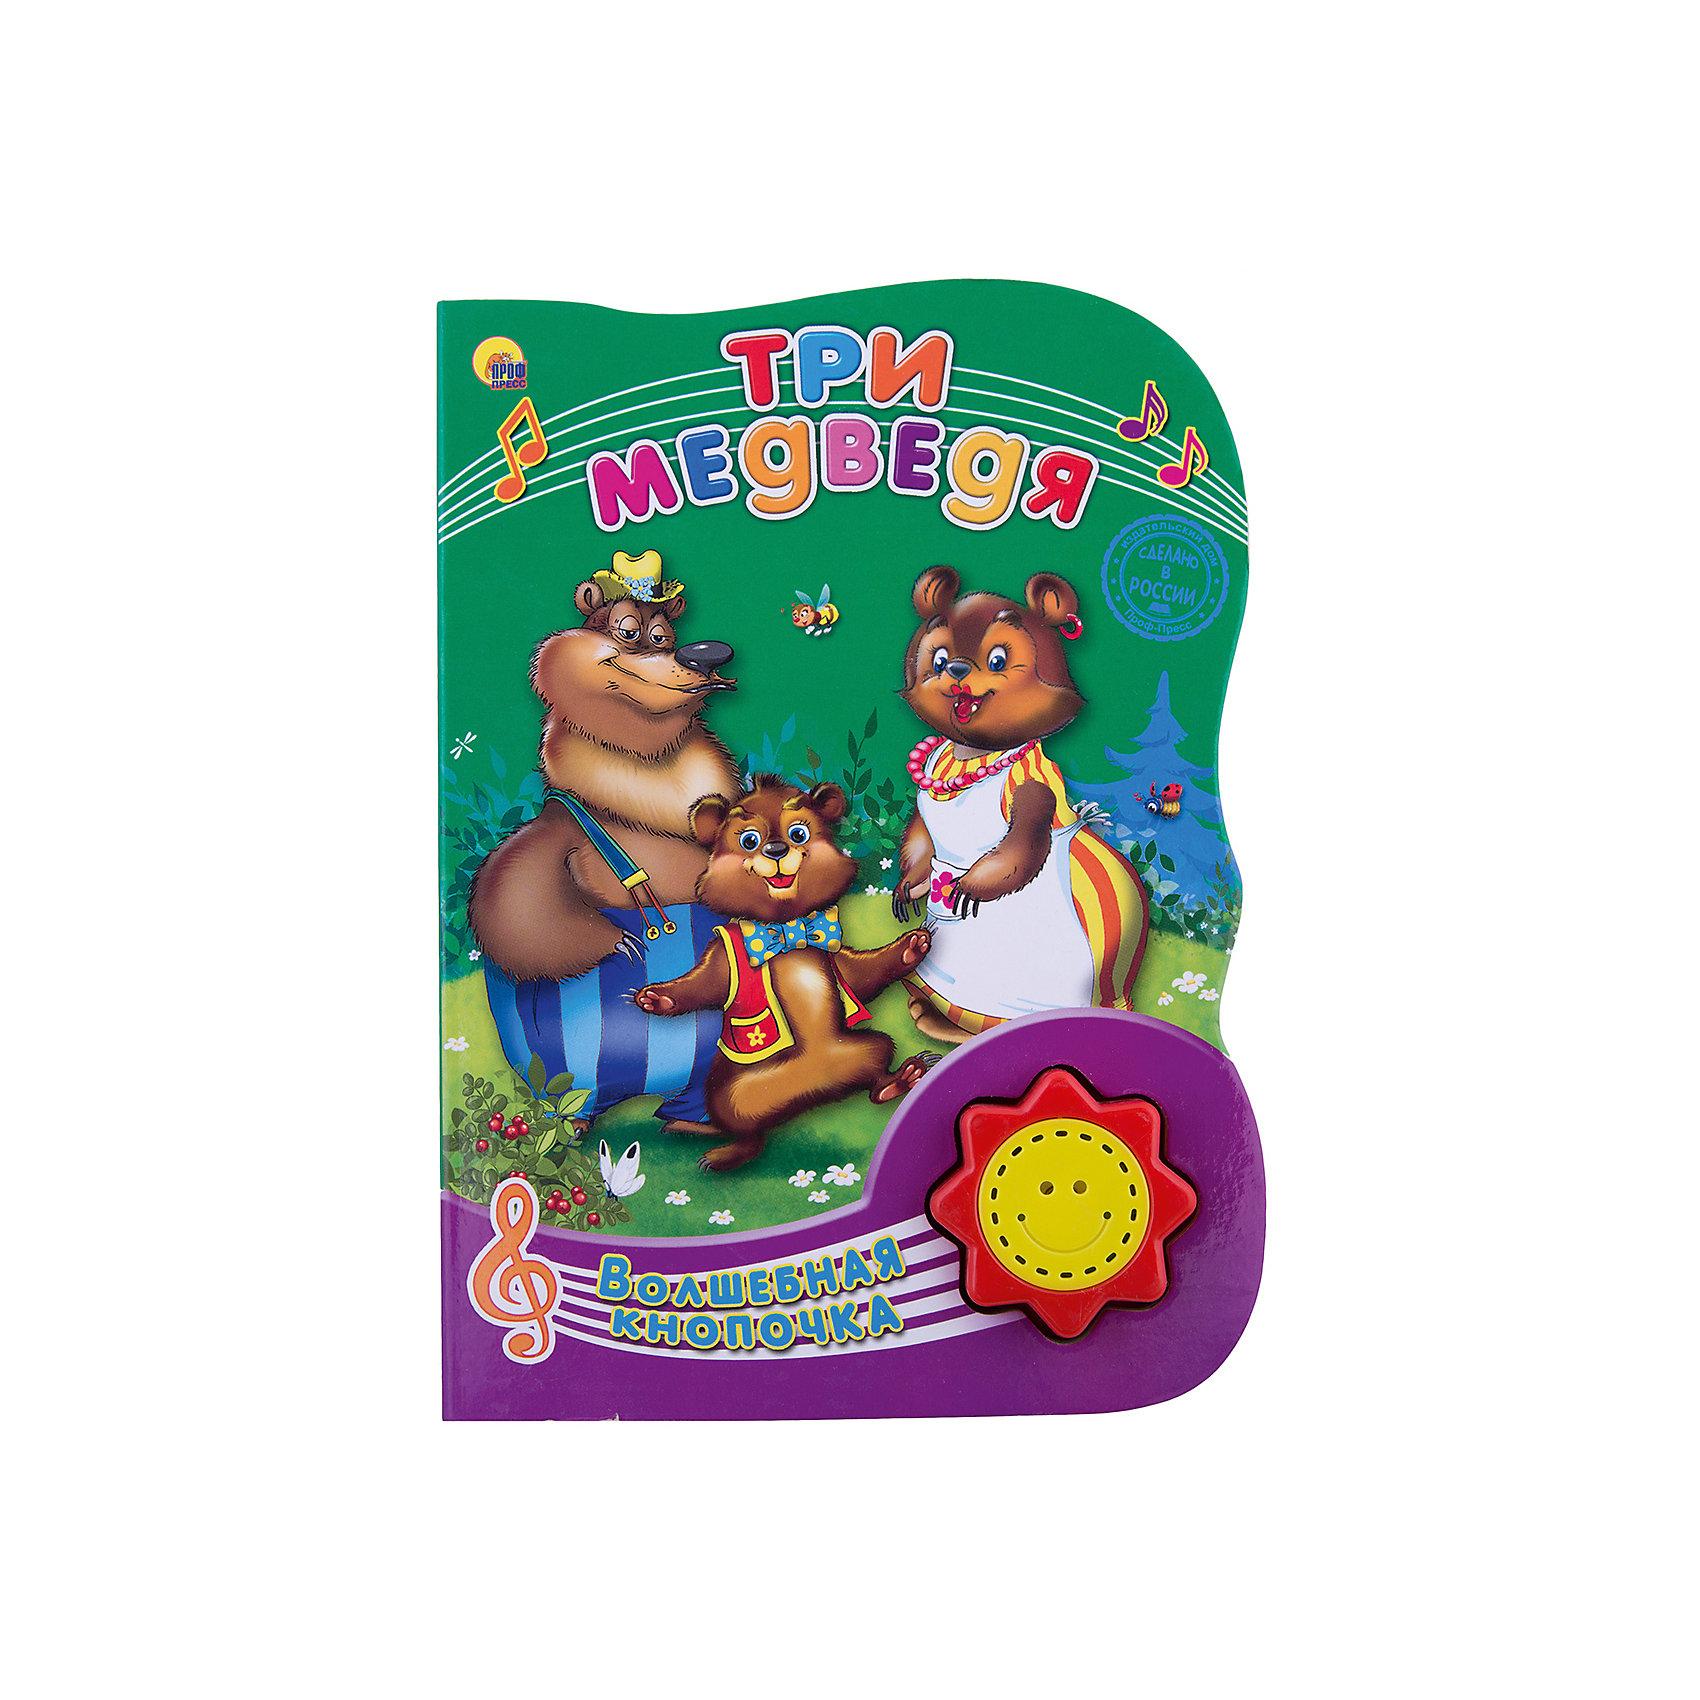 Три медведя, Волшебная кнопочкаМузыкальные книги<br>Есть сказки, проверенные многими поколениями, которые понравятся и современным детям. Книги - это лучший подарок не только взрослым, они помогают детям познавать мир и учиться читать, также книги позволяют ребенку весело проводить время. Они также стимулируют развитие воображения, логики и творческого мышления.<br>Это издание сделано специально для самых маленьких - с плотными страничками и звуковым модулем, который будет сопровождать сказку песенками и музыкой. Яркие картинки обязательно понравятся малышам! Книга сделана из качественных и безопасных для детей материалов.<br>  <br>Дополнительная информация:<br><br>страниц: 8; <br>размер: 212x155x25 мм;<br>вес: 200 г.<br><br>Книгу со звуковым модулем Волшебная кнопочка. Три медведя от издательства Проф-Пресс можно купить в нашем магазине.<br><br>Ширина мм: 155<br>Глубина мм: 20<br>Высота мм: 210<br>Вес г: 200<br>Возраст от месяцев: 0<br>Возраст до месяцев: 60<br>Пол: Унисекс<br>Возраст: Детский<br>SKU: 4787261